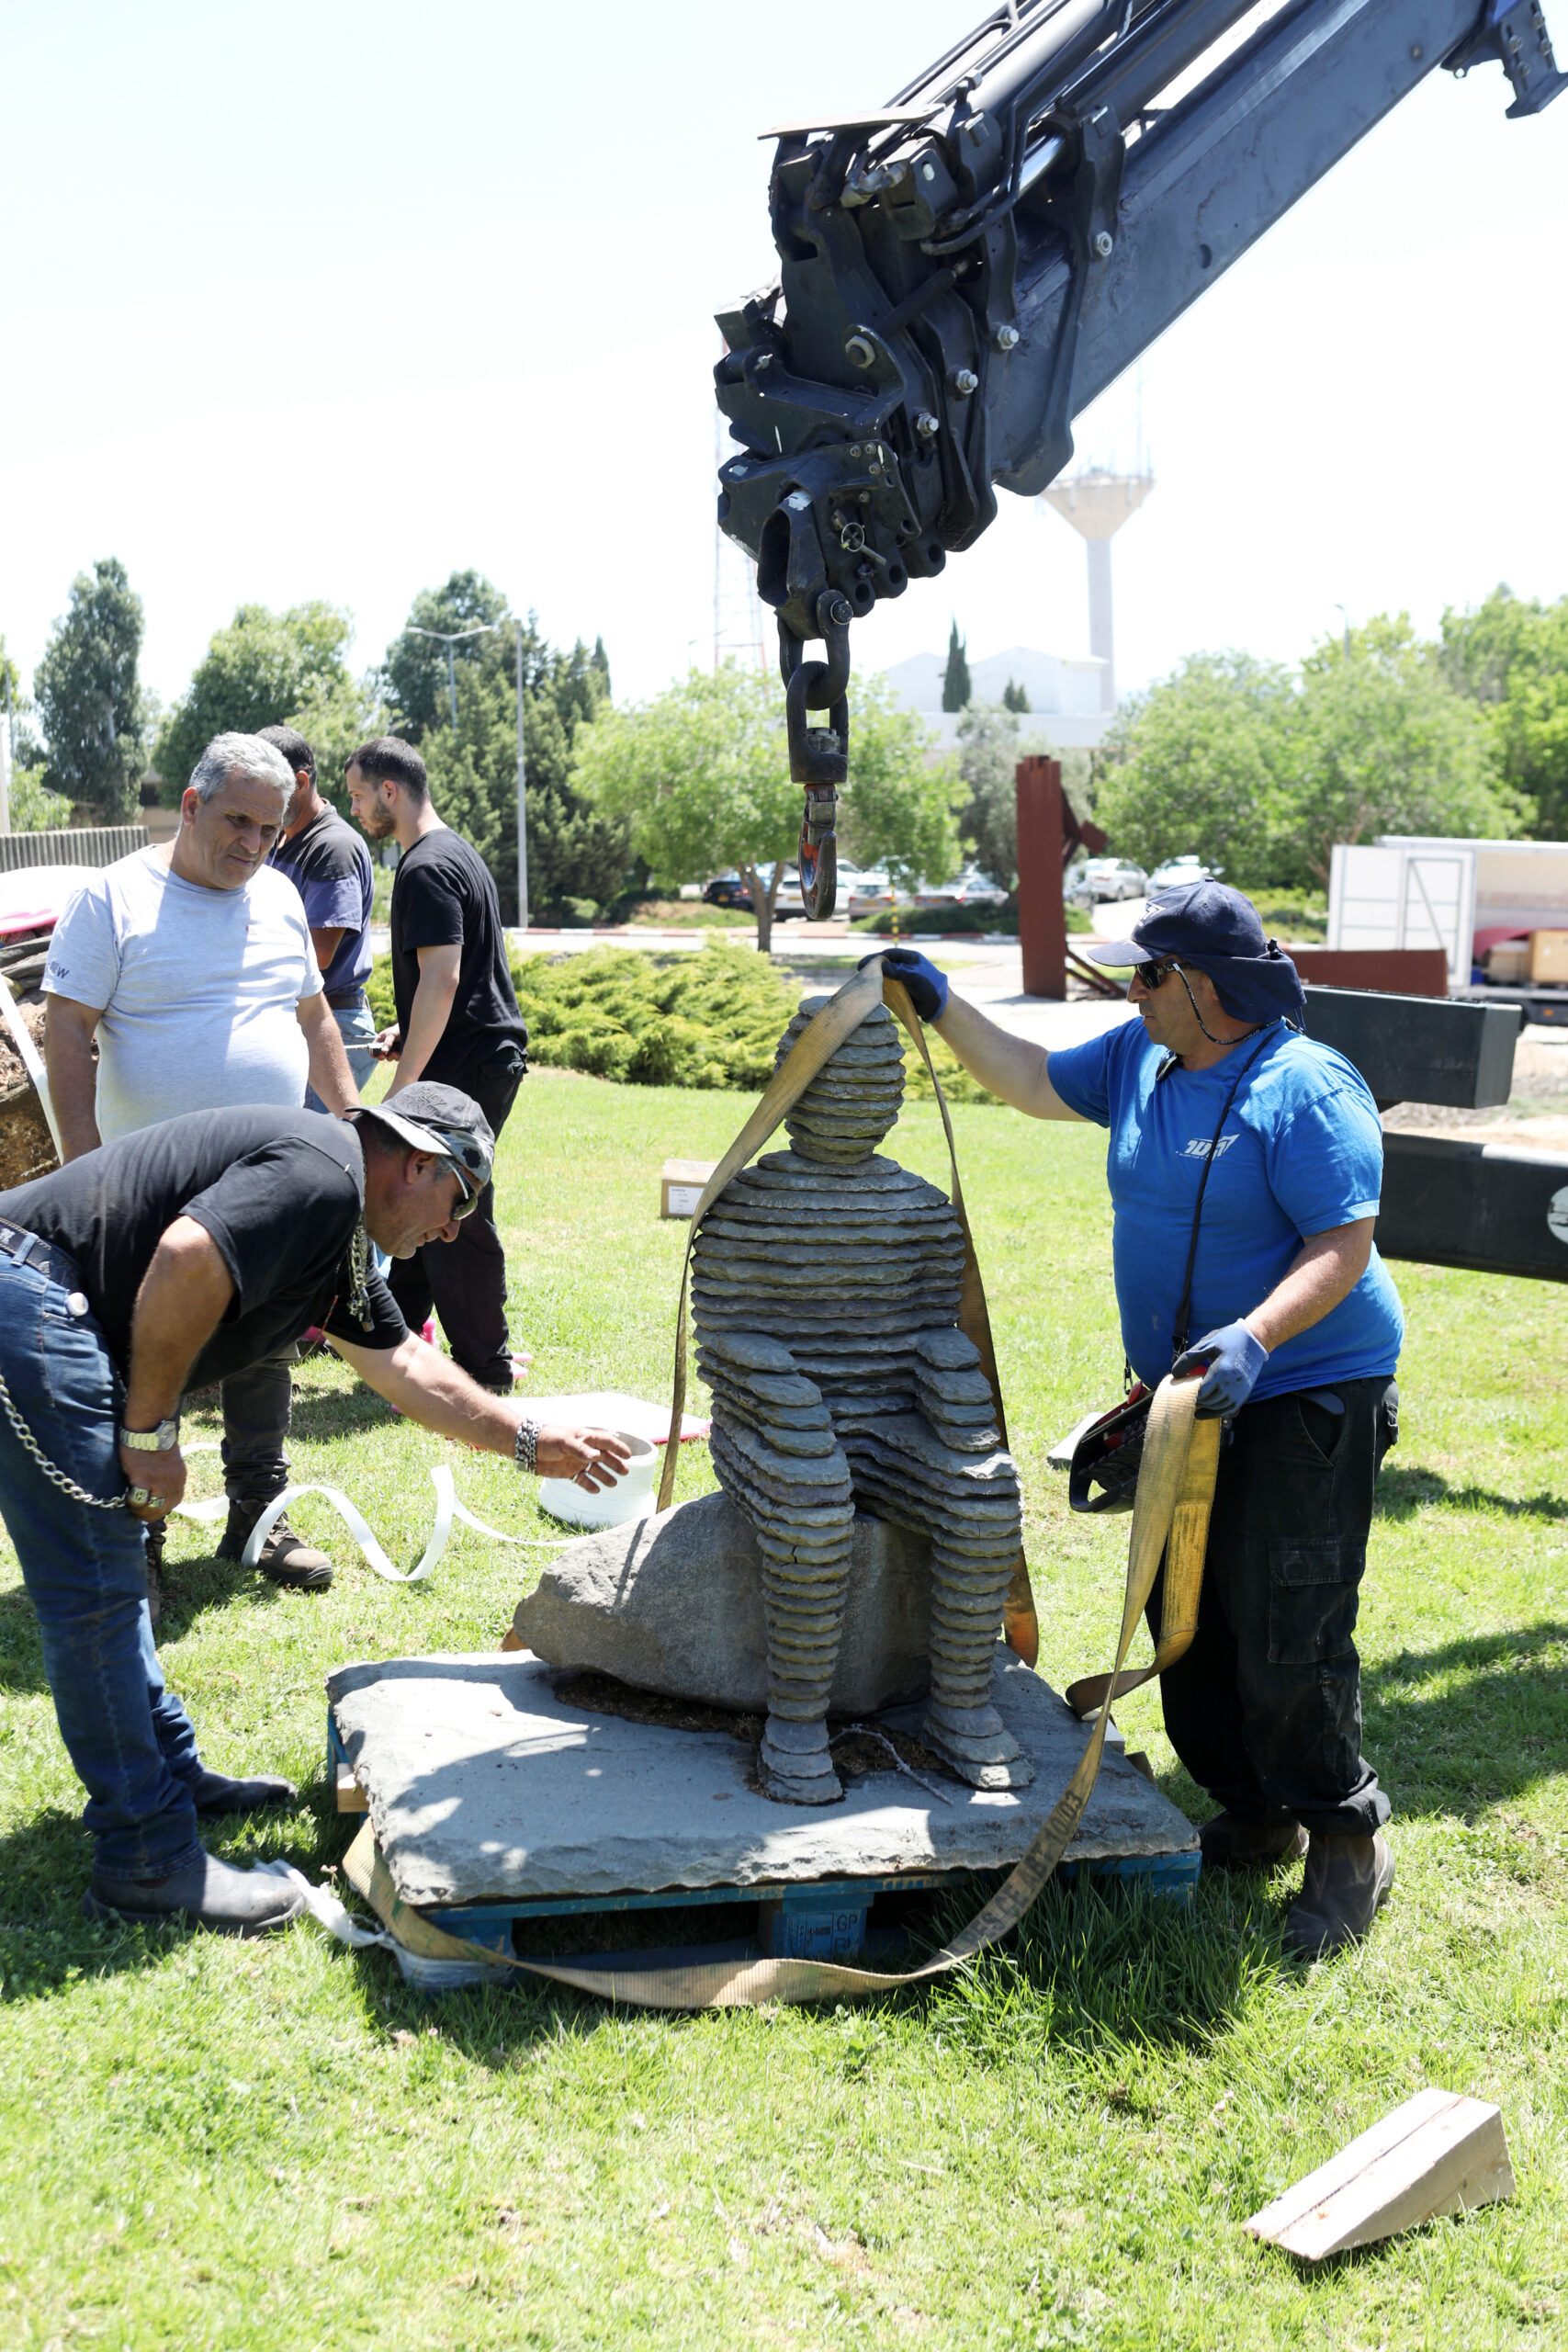 מוזיאון הכט של האוניברסיטה יקים גן פסלים פתוח